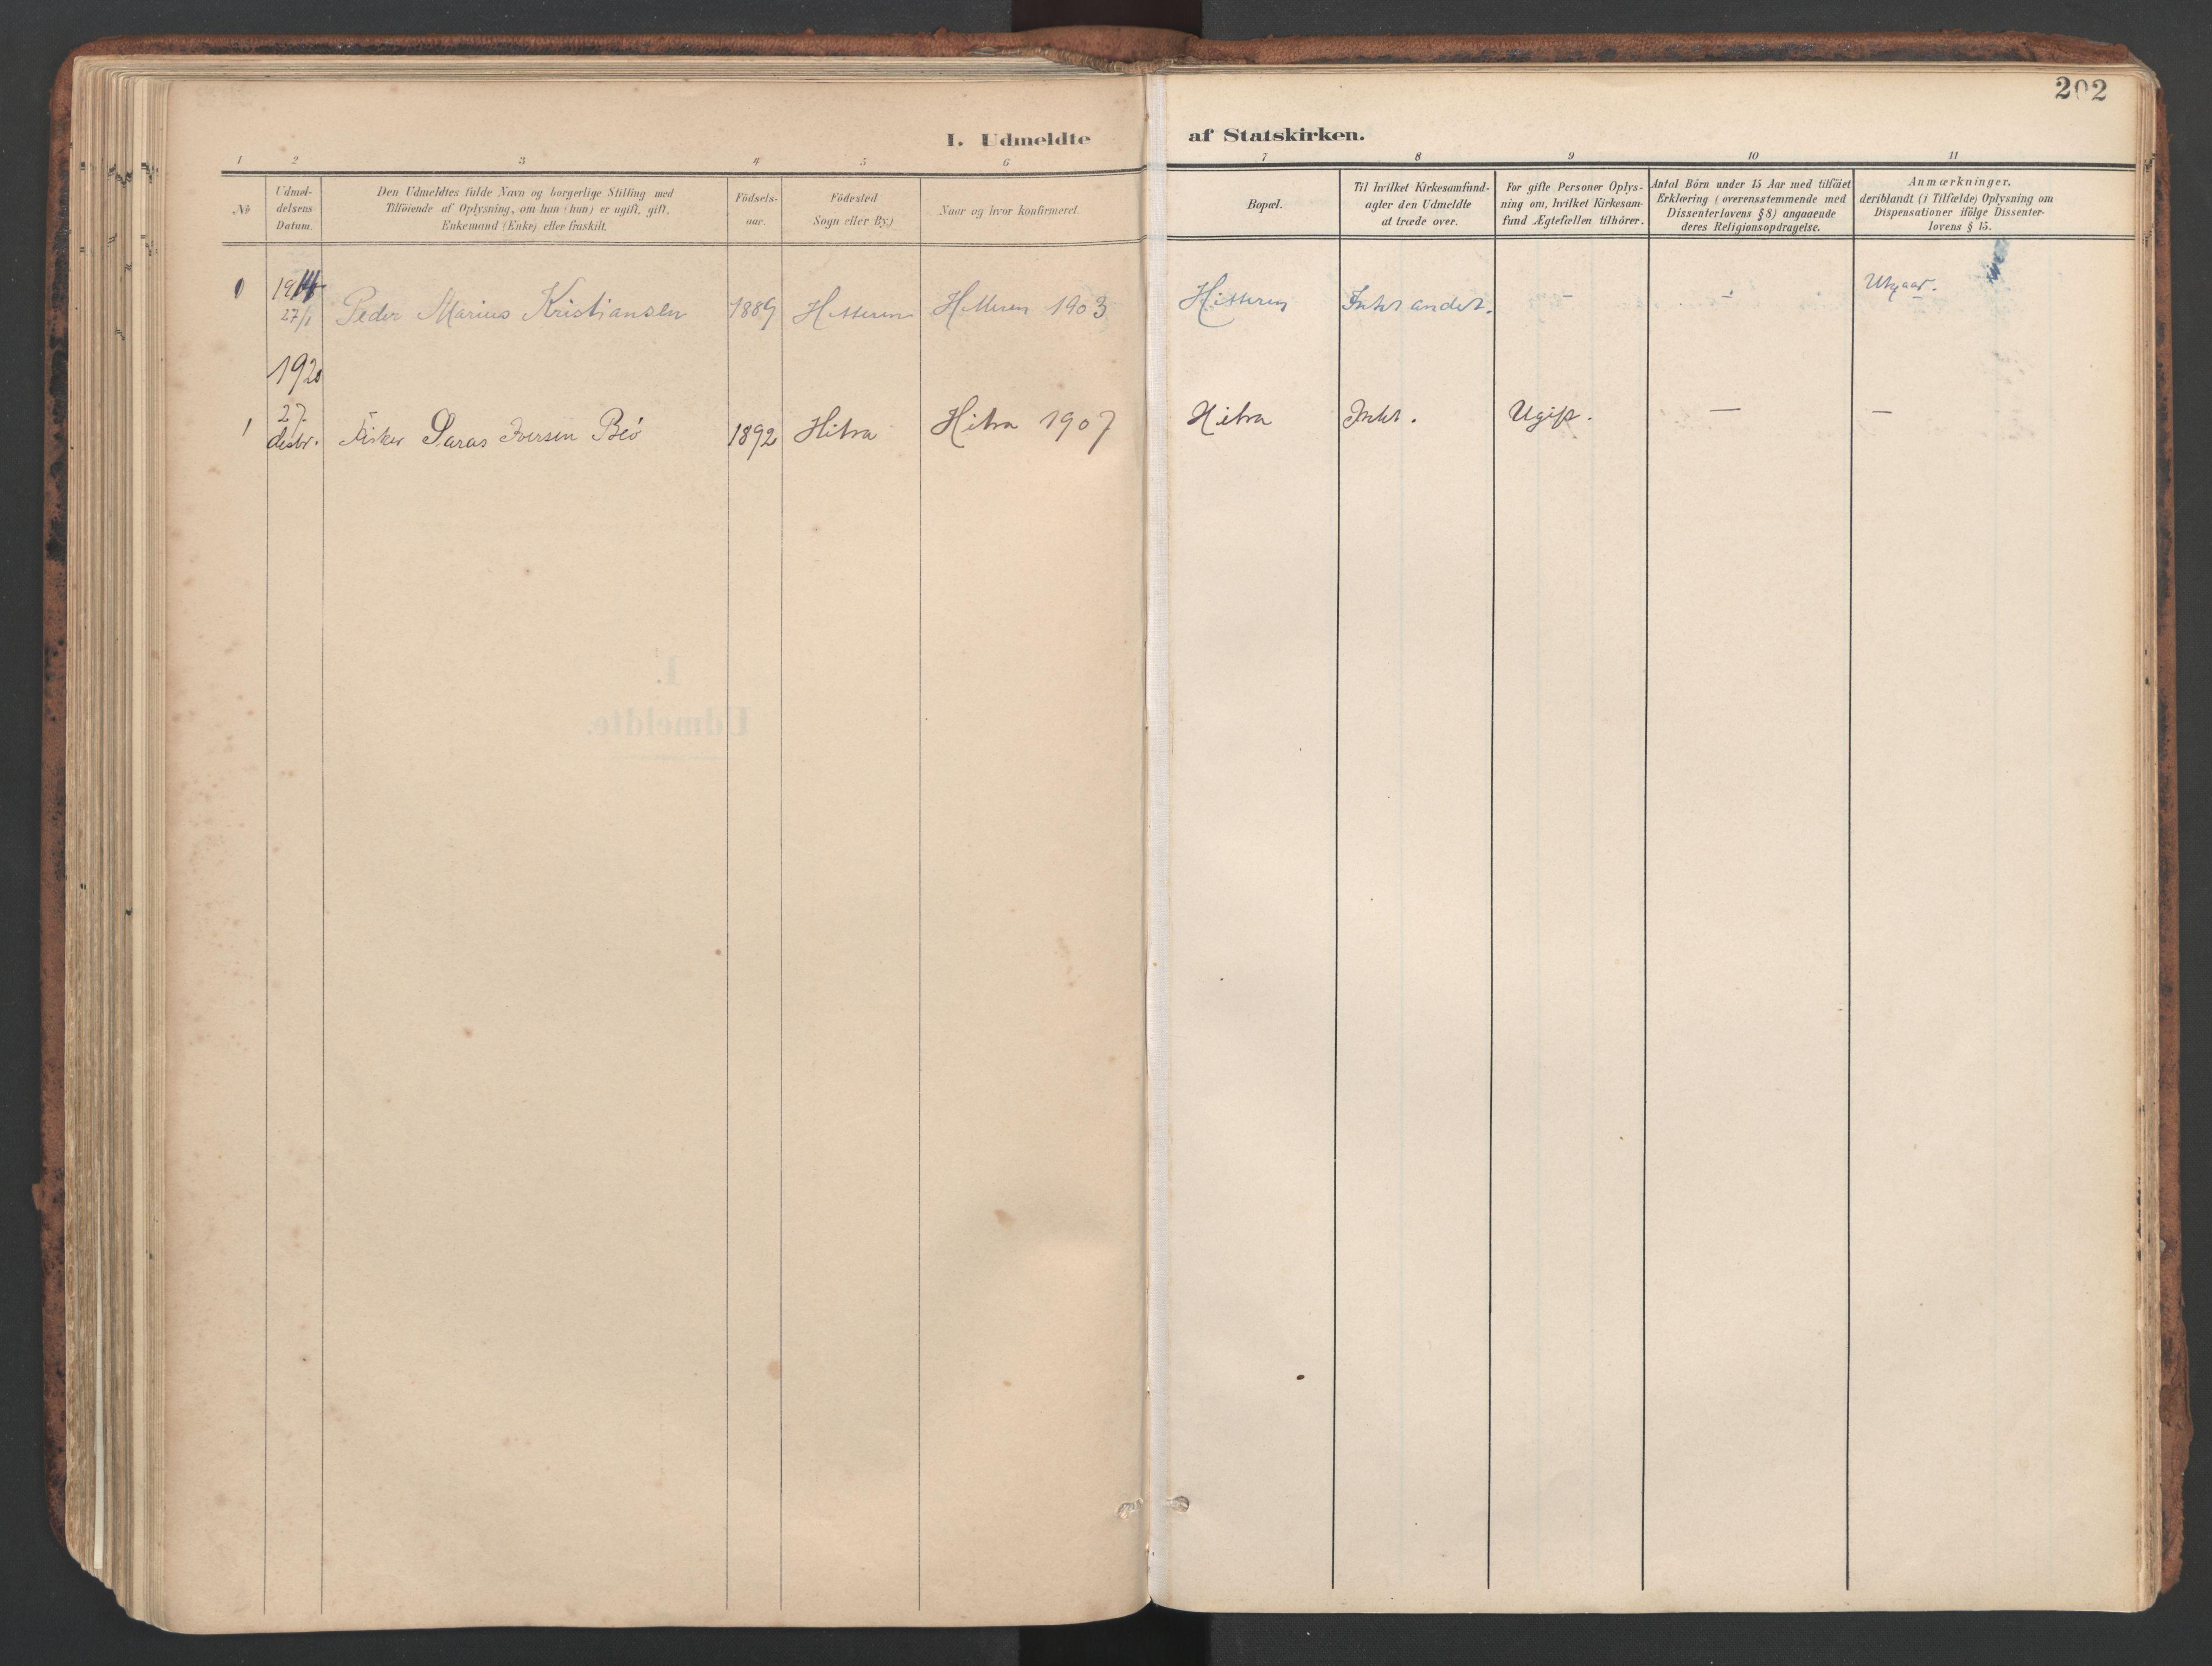 SAT, Ministerialprotokoller, klokkerbøker og fødselsregistre - Sør-Trøndelag, 634/L0537: Ministerialbok nr. 634A13, 1896-1922, s. 202